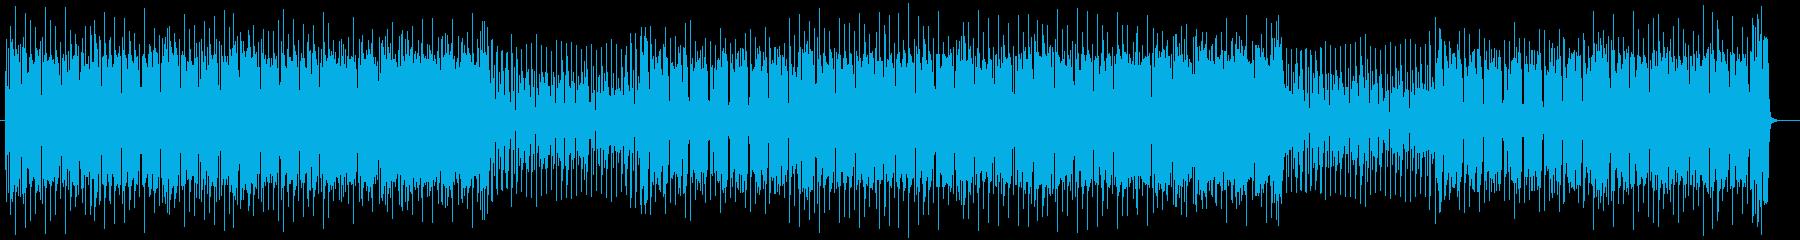 クールなシンセポップスの再生済みの波形